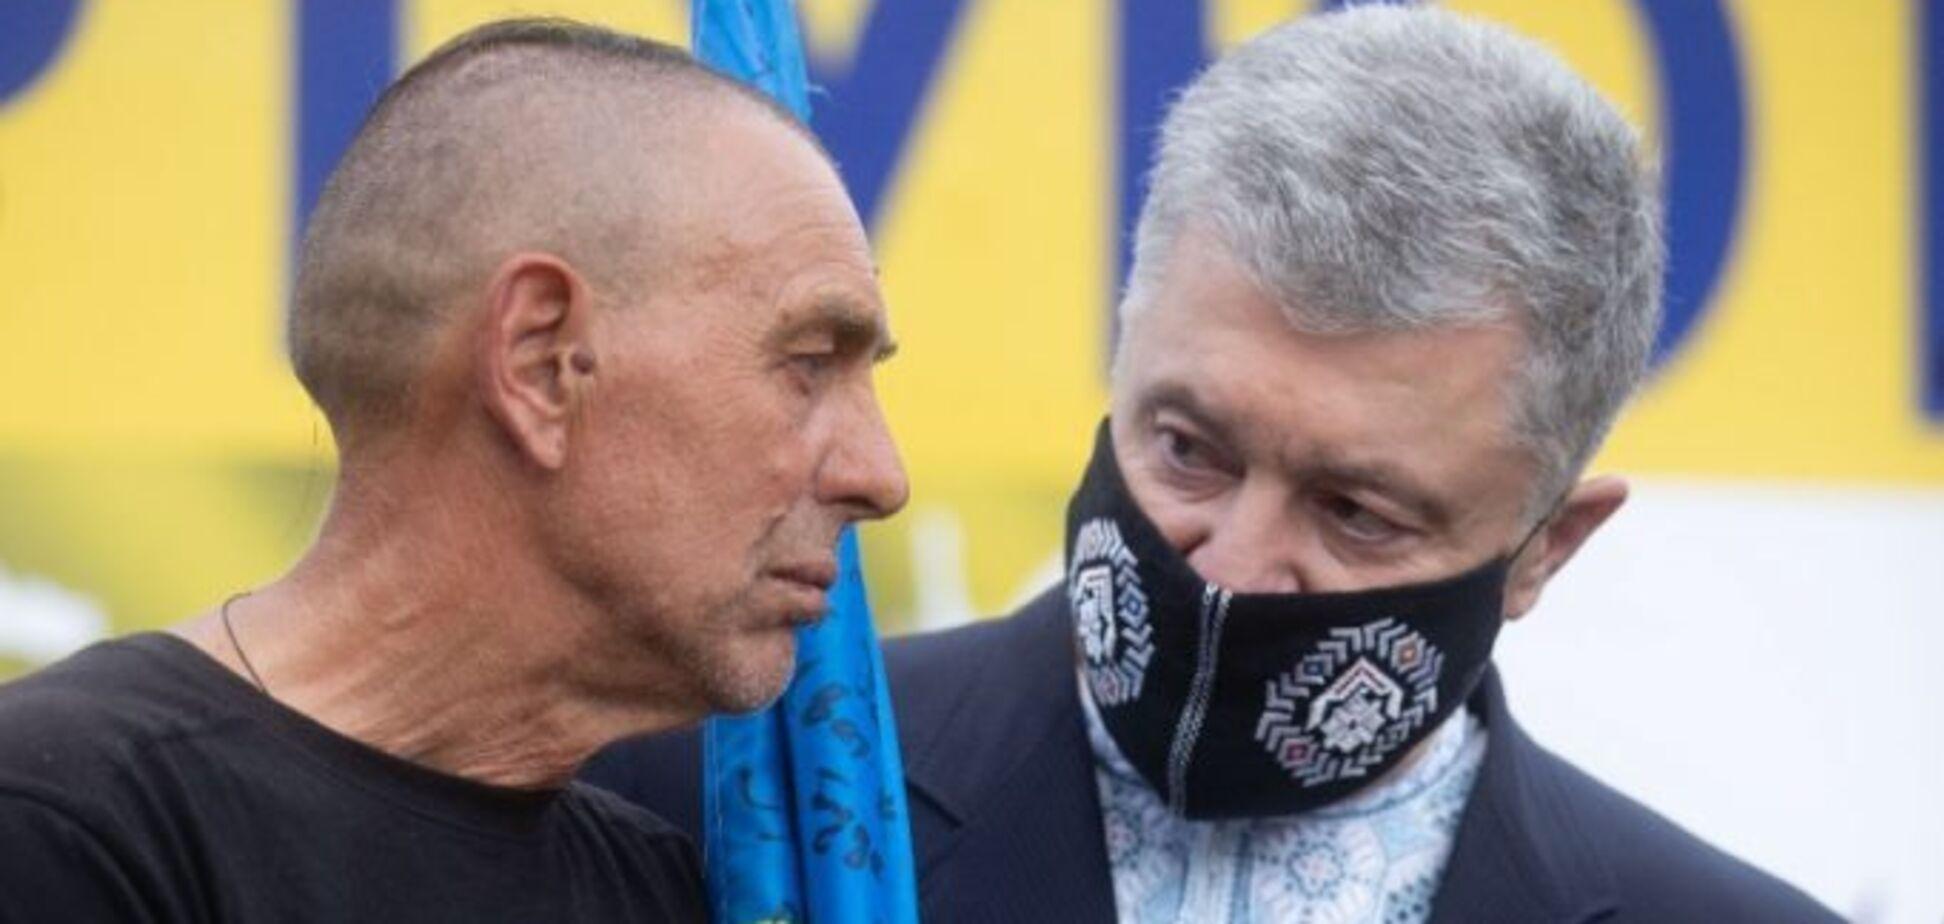 Рада підтримала запит Порошенка до Зеленського щодо присвоєння звання Героя України Ярославу Журавлю